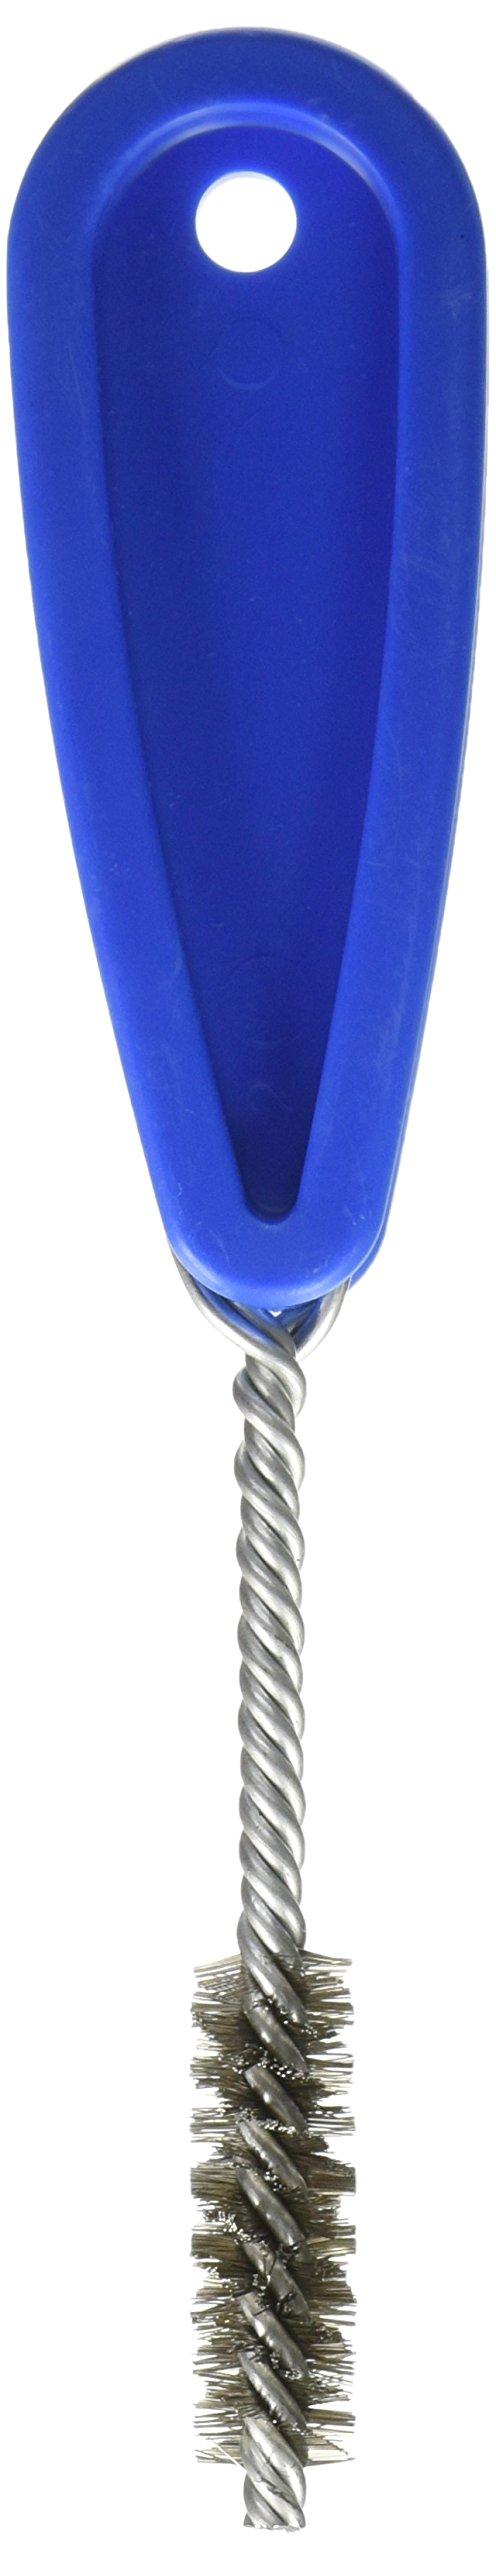 Diversitech B-925 Brush, Cpr Tube 3/8in O.D.